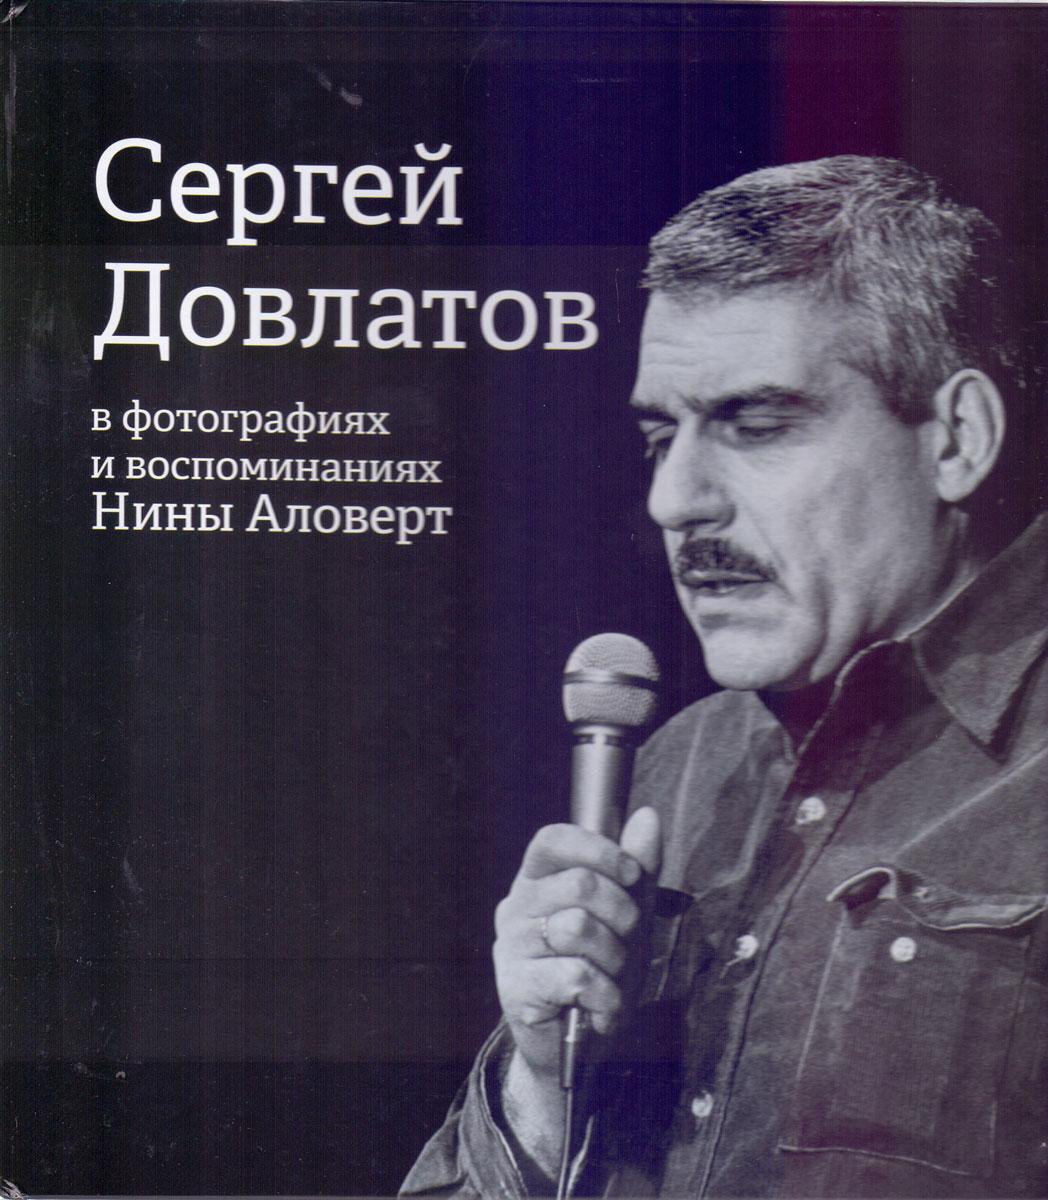 Сергей Довлатов в фотографиях и воспоминаниях Нины Аловерт